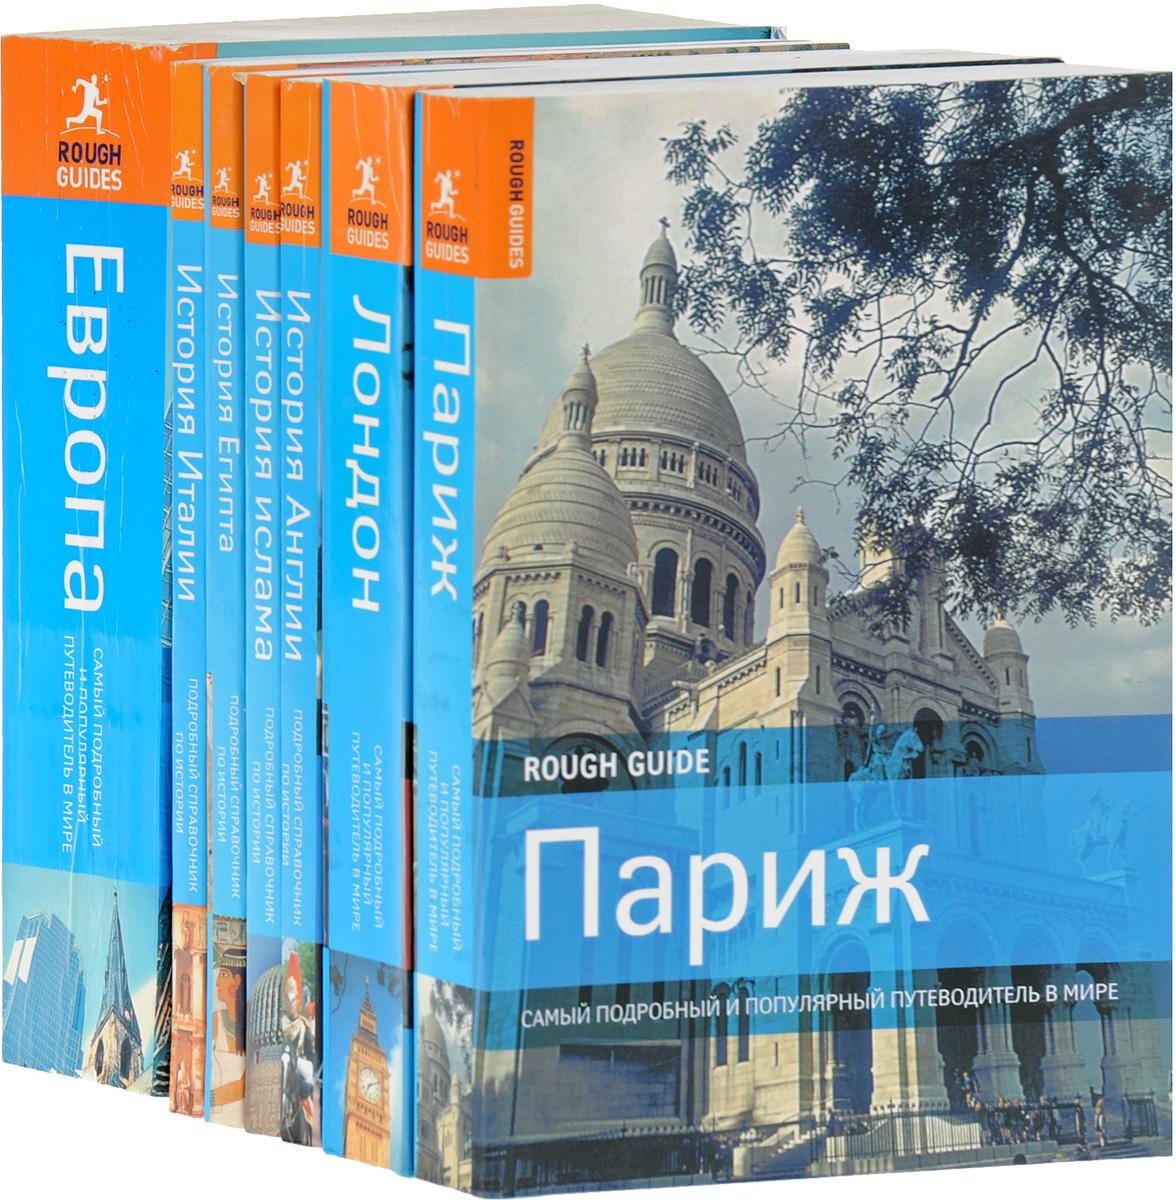 Фото - Справочники и путеводители от Rough Guides (комплект из 7 книг) справочники